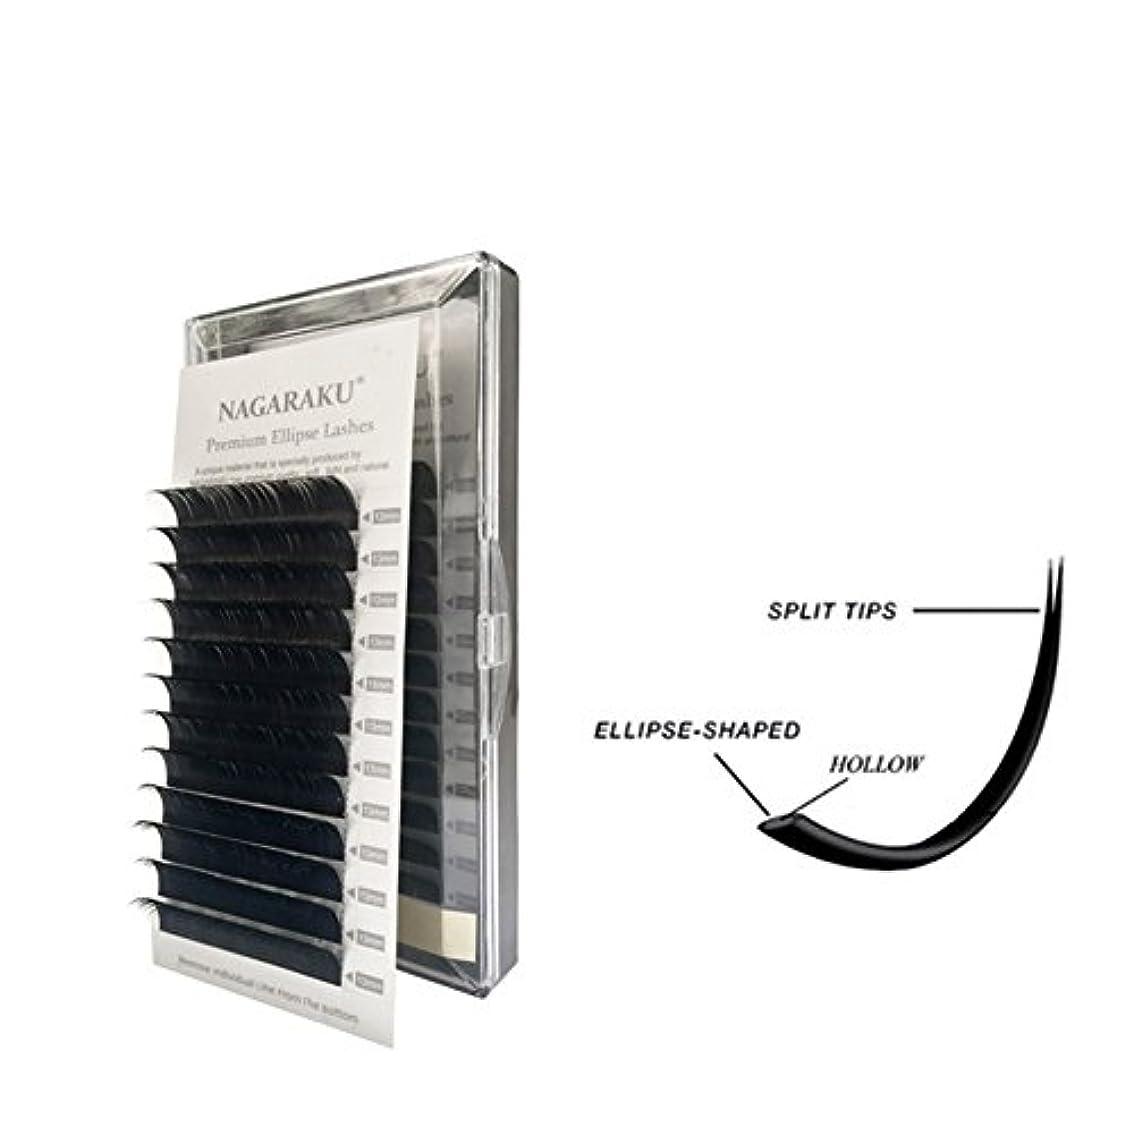 にじみ出る憂慮すべき段落NAGARAKU ellipse lashes 太さ0.20mm まつげエクステ まつげエクステンション マツエク